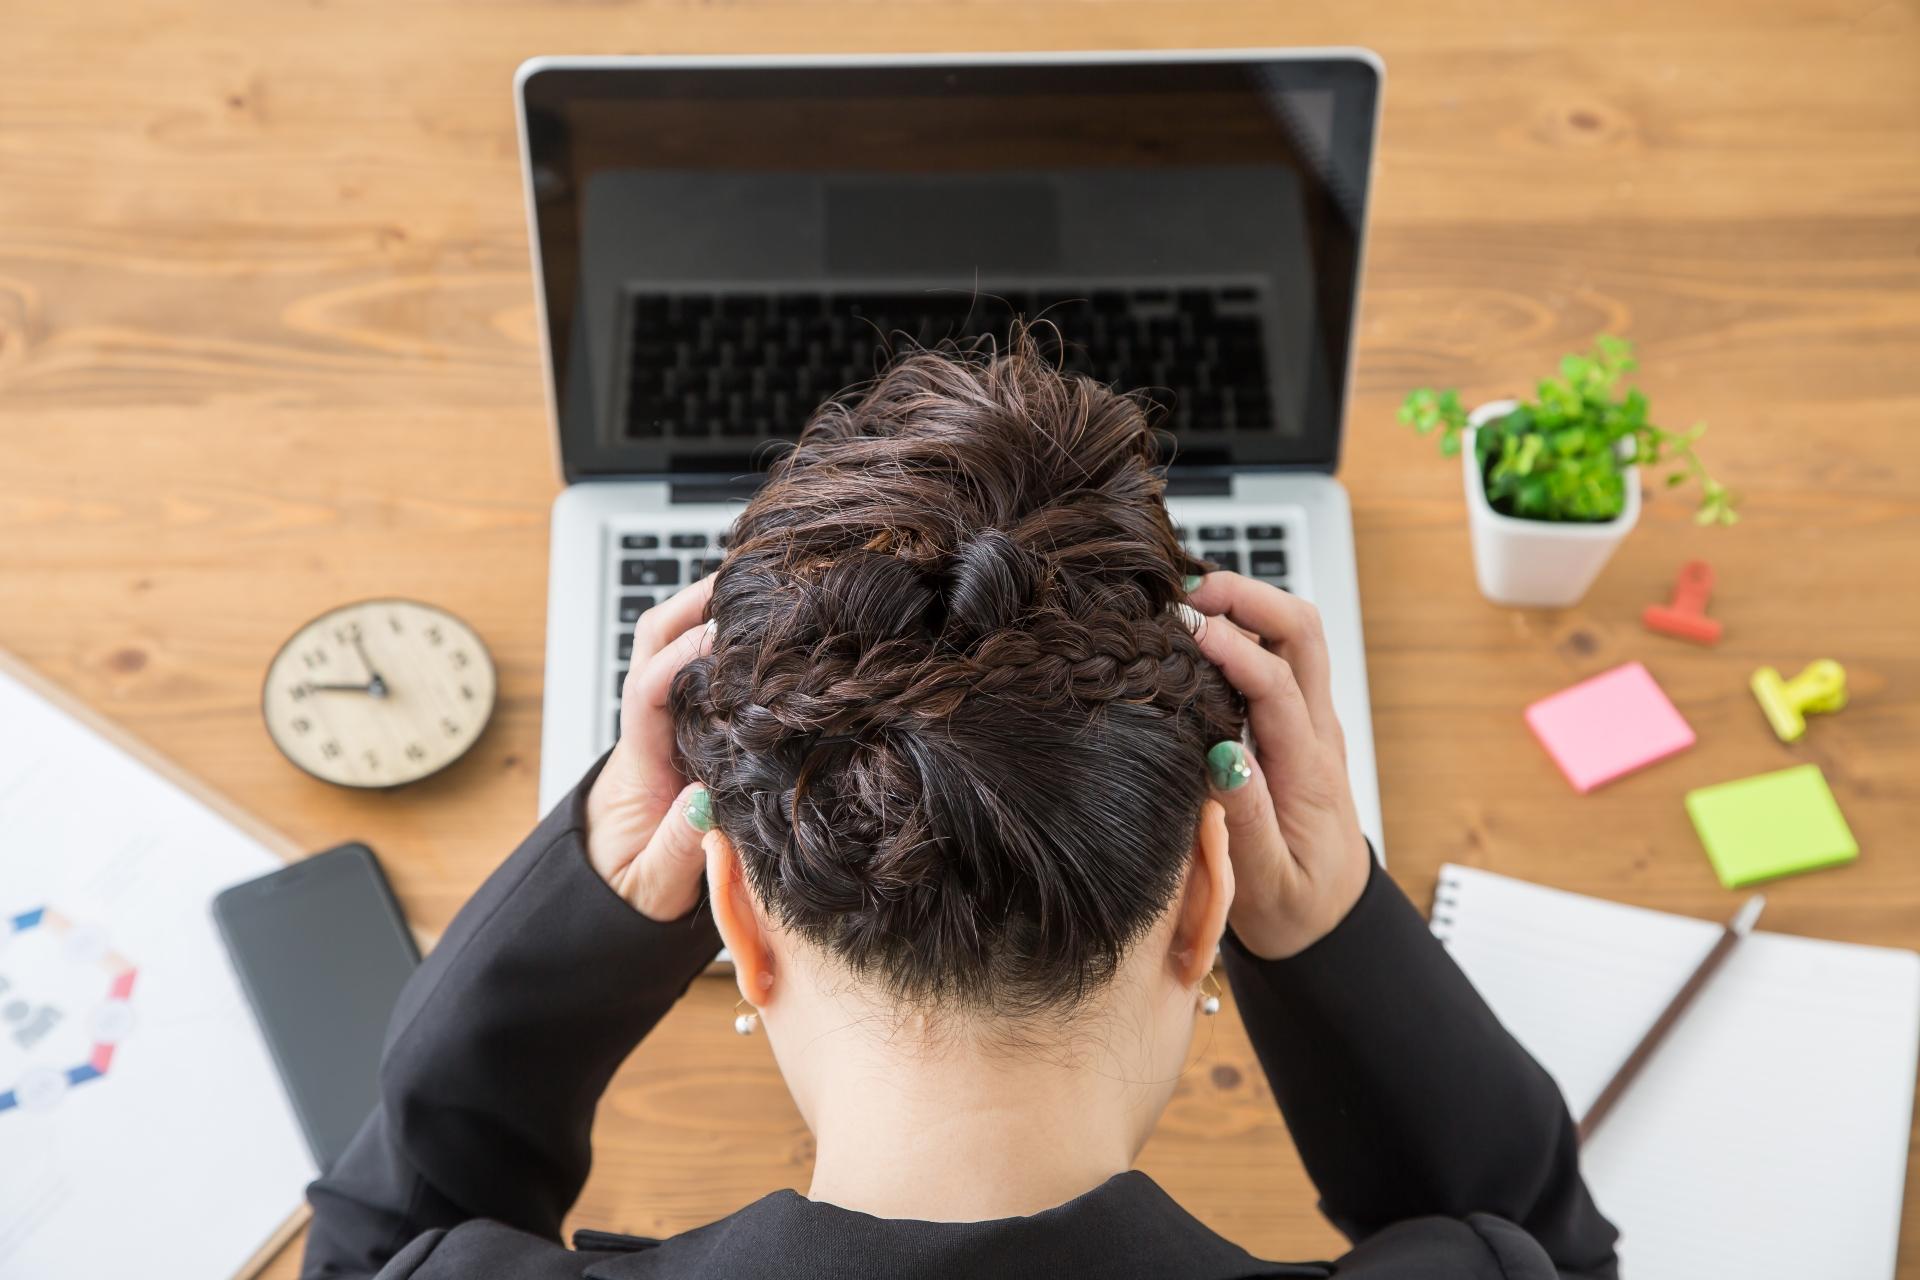 アルバイト・従業員の 不適切動画 投稿 を 防止 するために、動画教育が効果的な理由